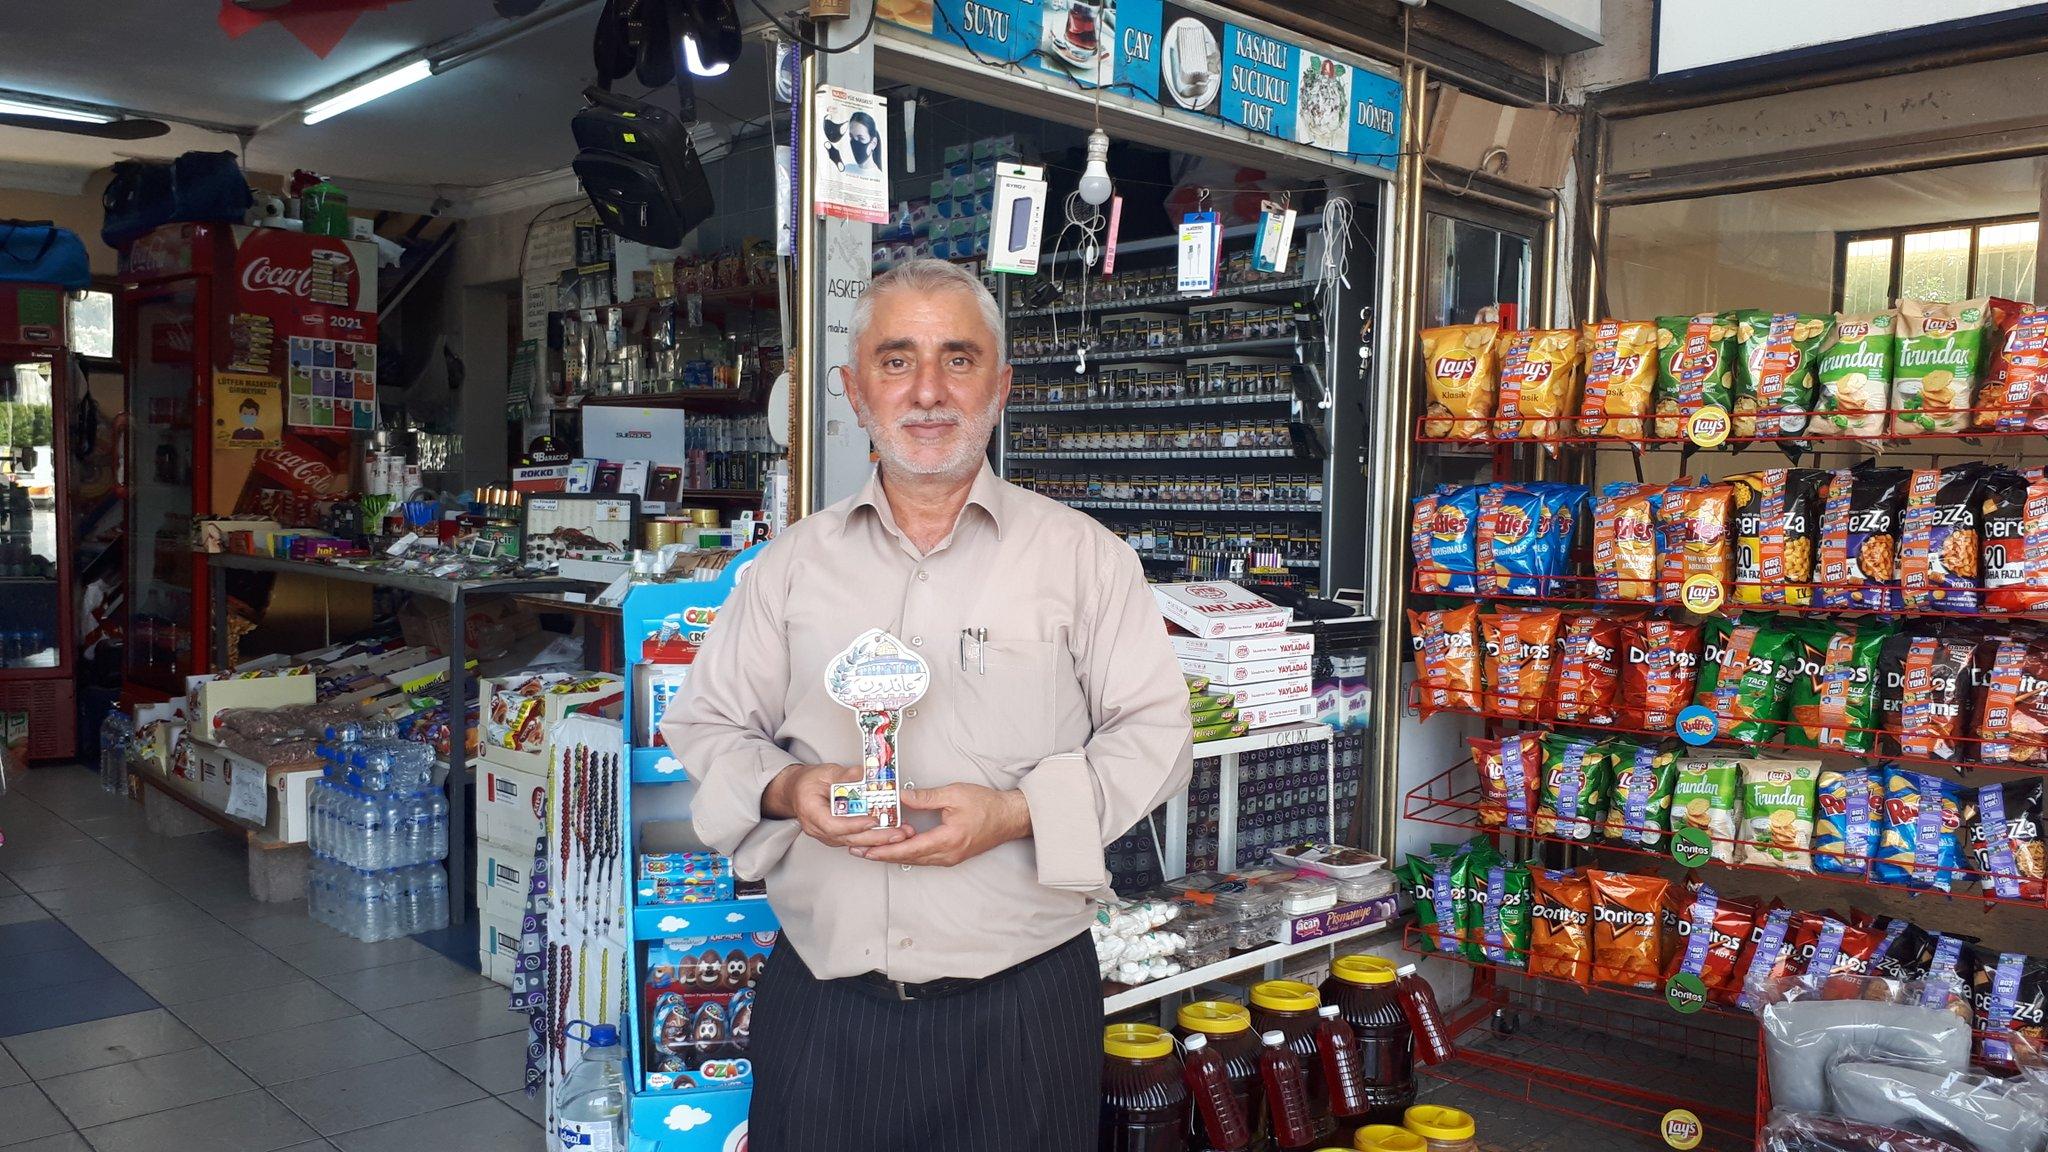 Gazzeli 3 Yetimin Yıllık Masrafını Üstlenen Mavi Marmara Gazisi Zeki Kanat'a Ramallah'tan Gelen Filistin Anahtarı Hediye Edildi